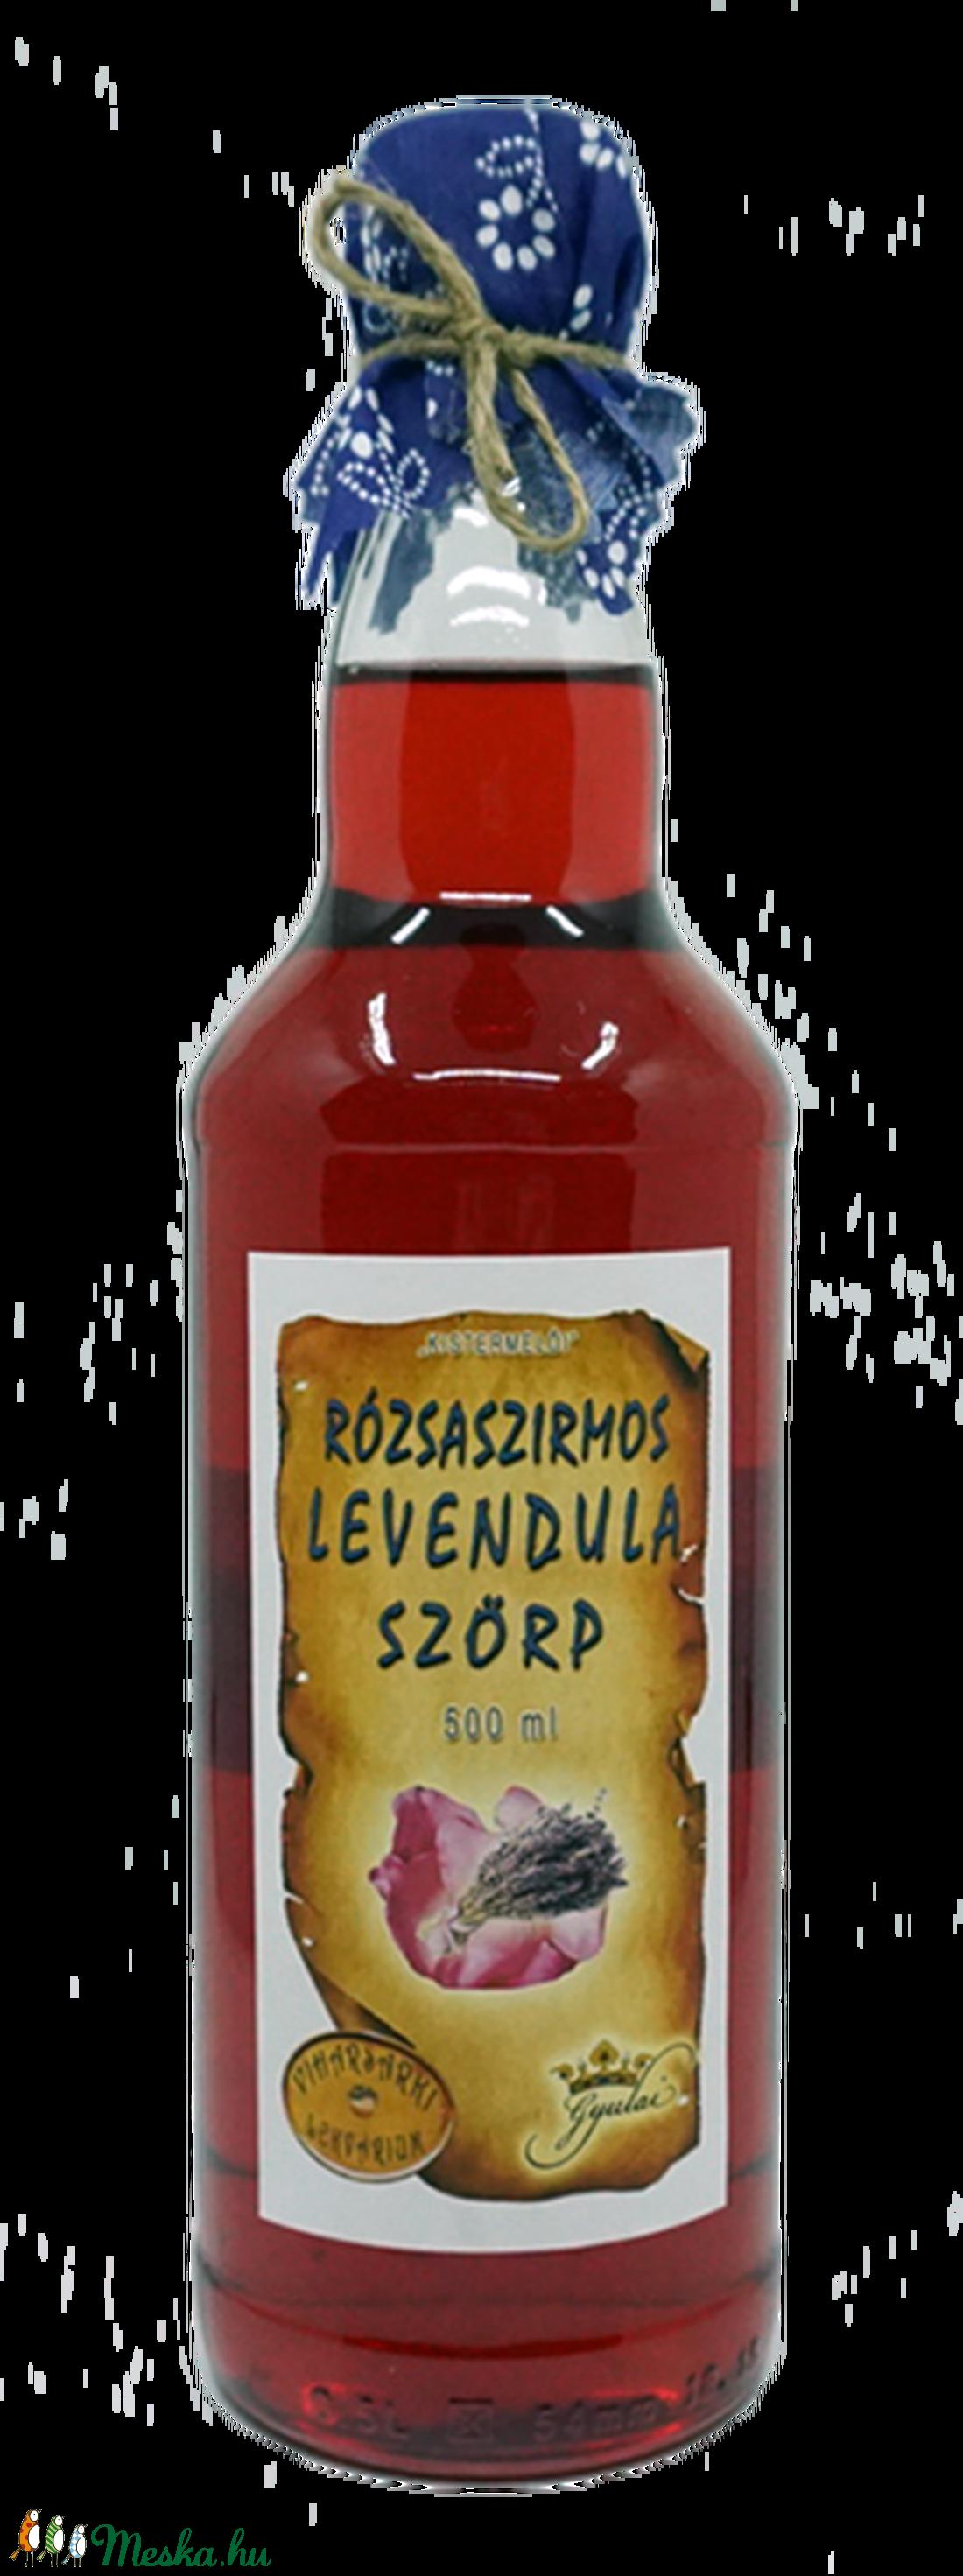 Rózsaszirmos levendulavirág szörp (500 ml) (viharsarkilekvariu) - Meska.hu